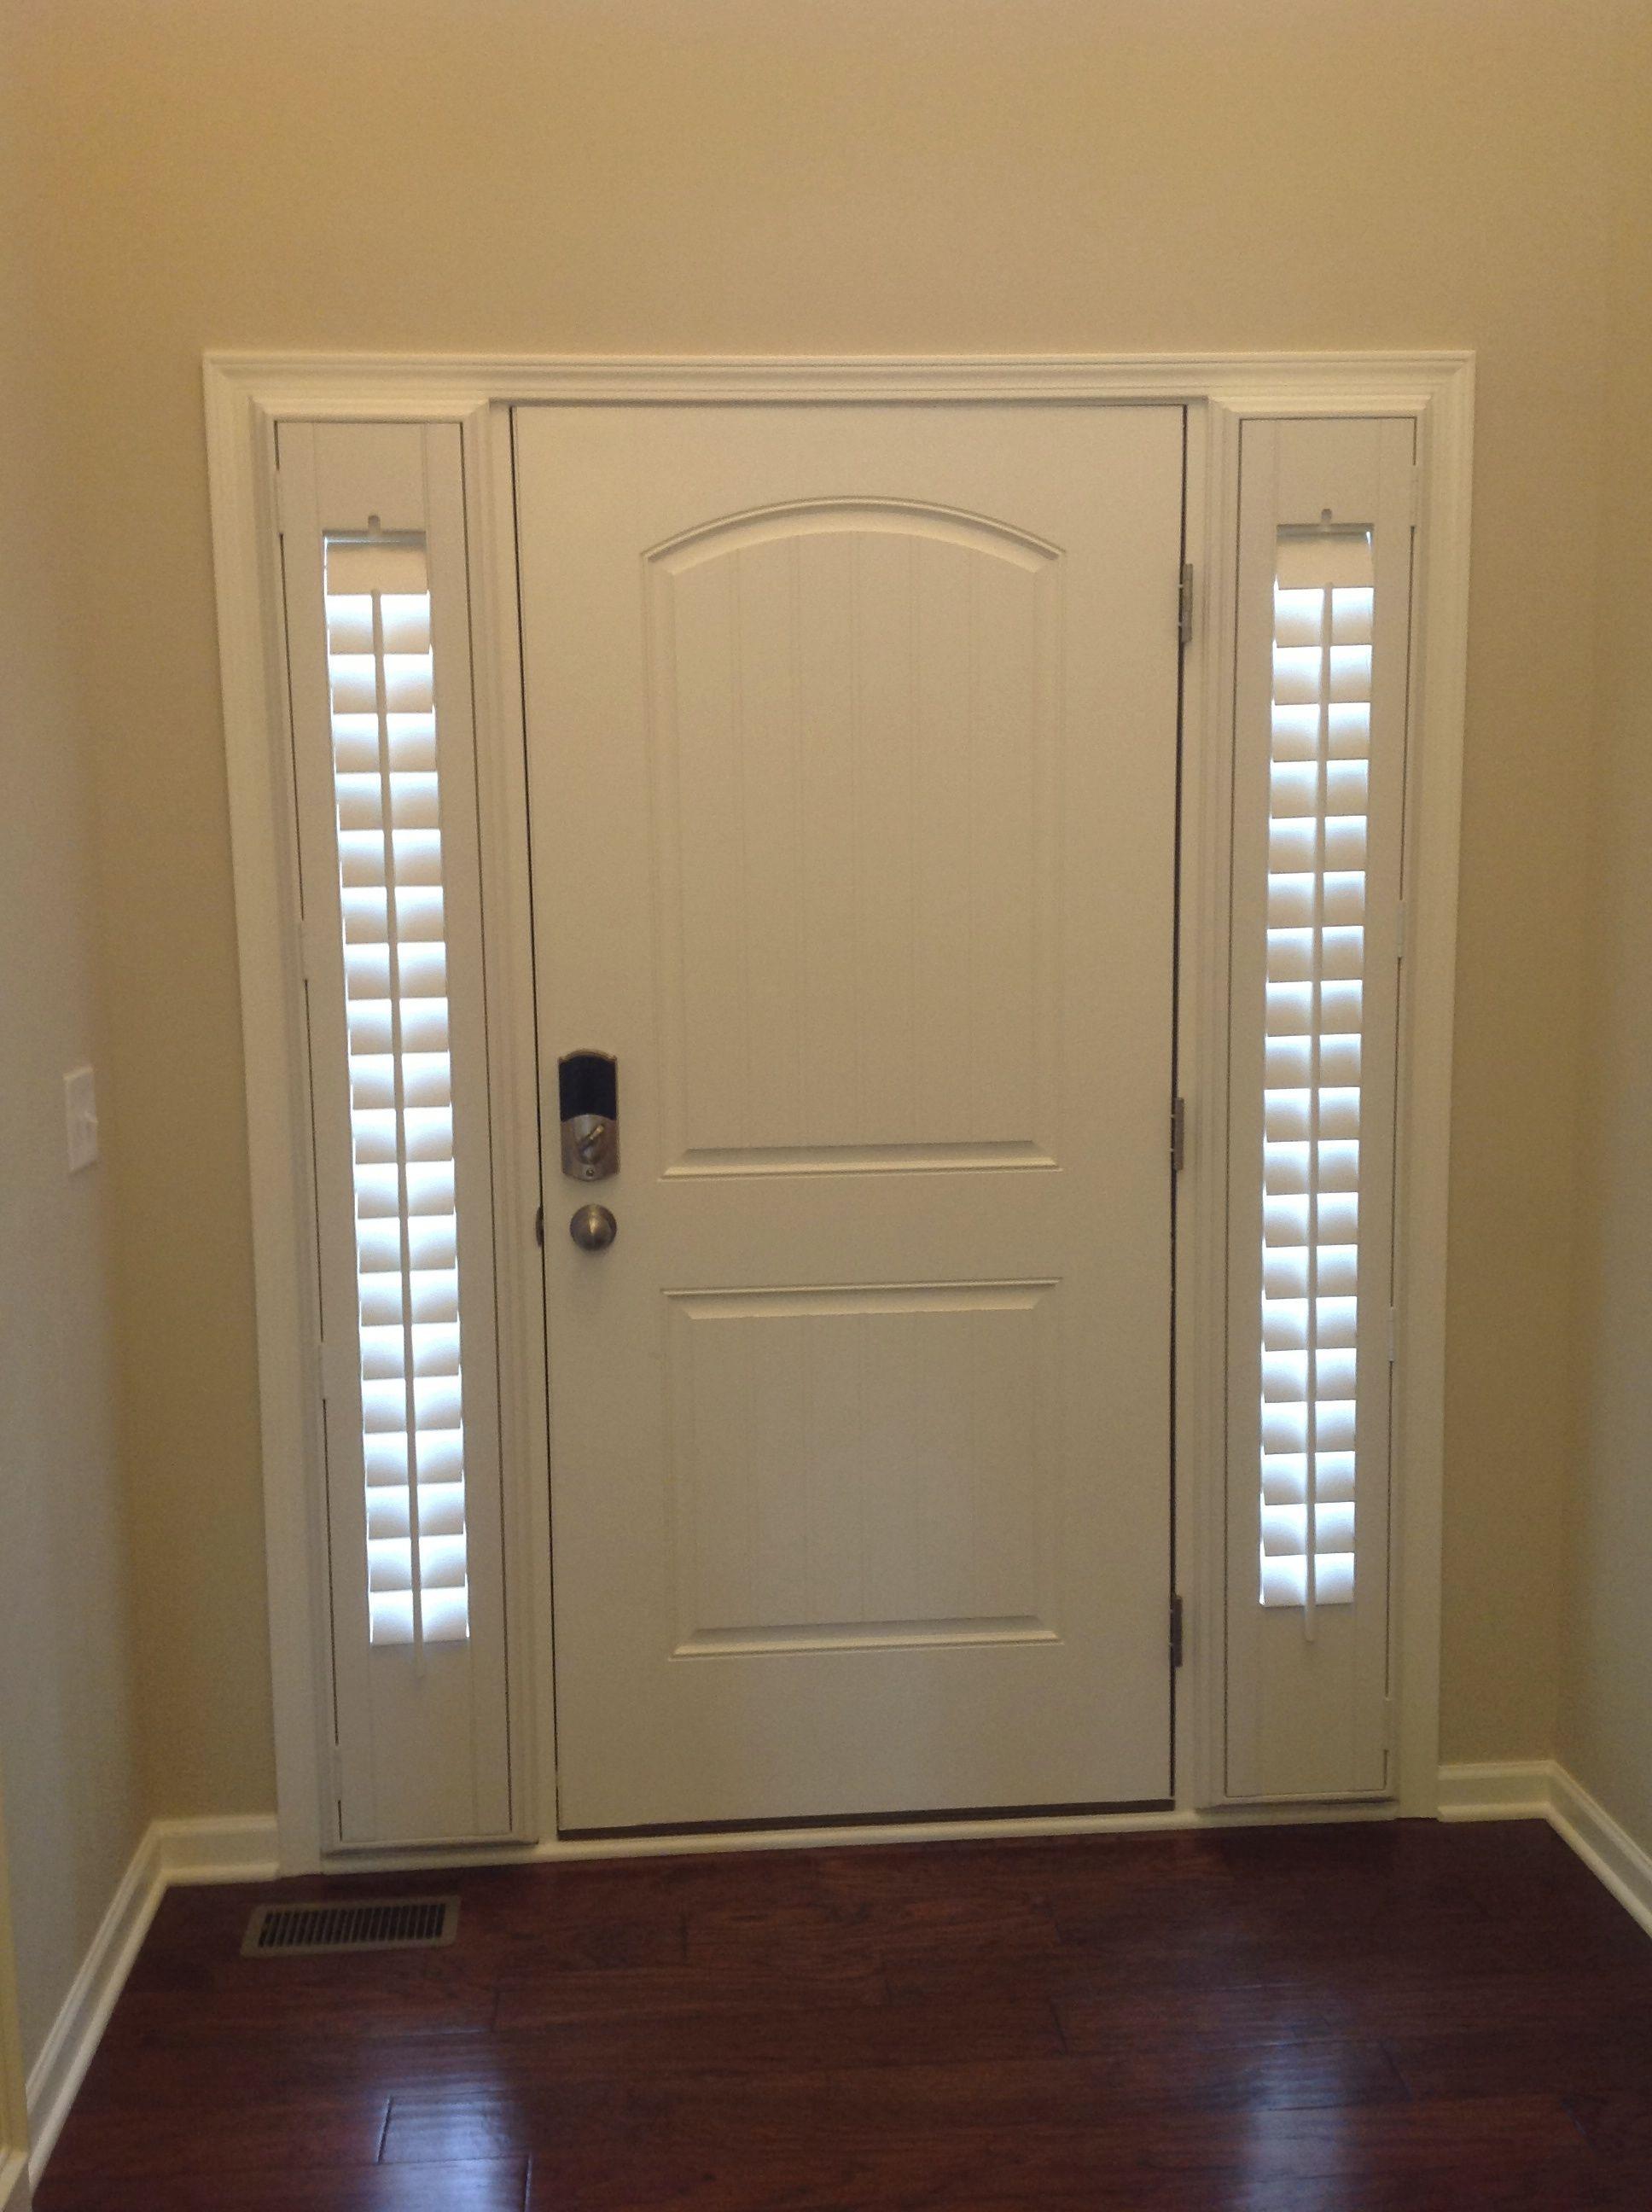 Front Door Lowes Front doors with windows, Front door